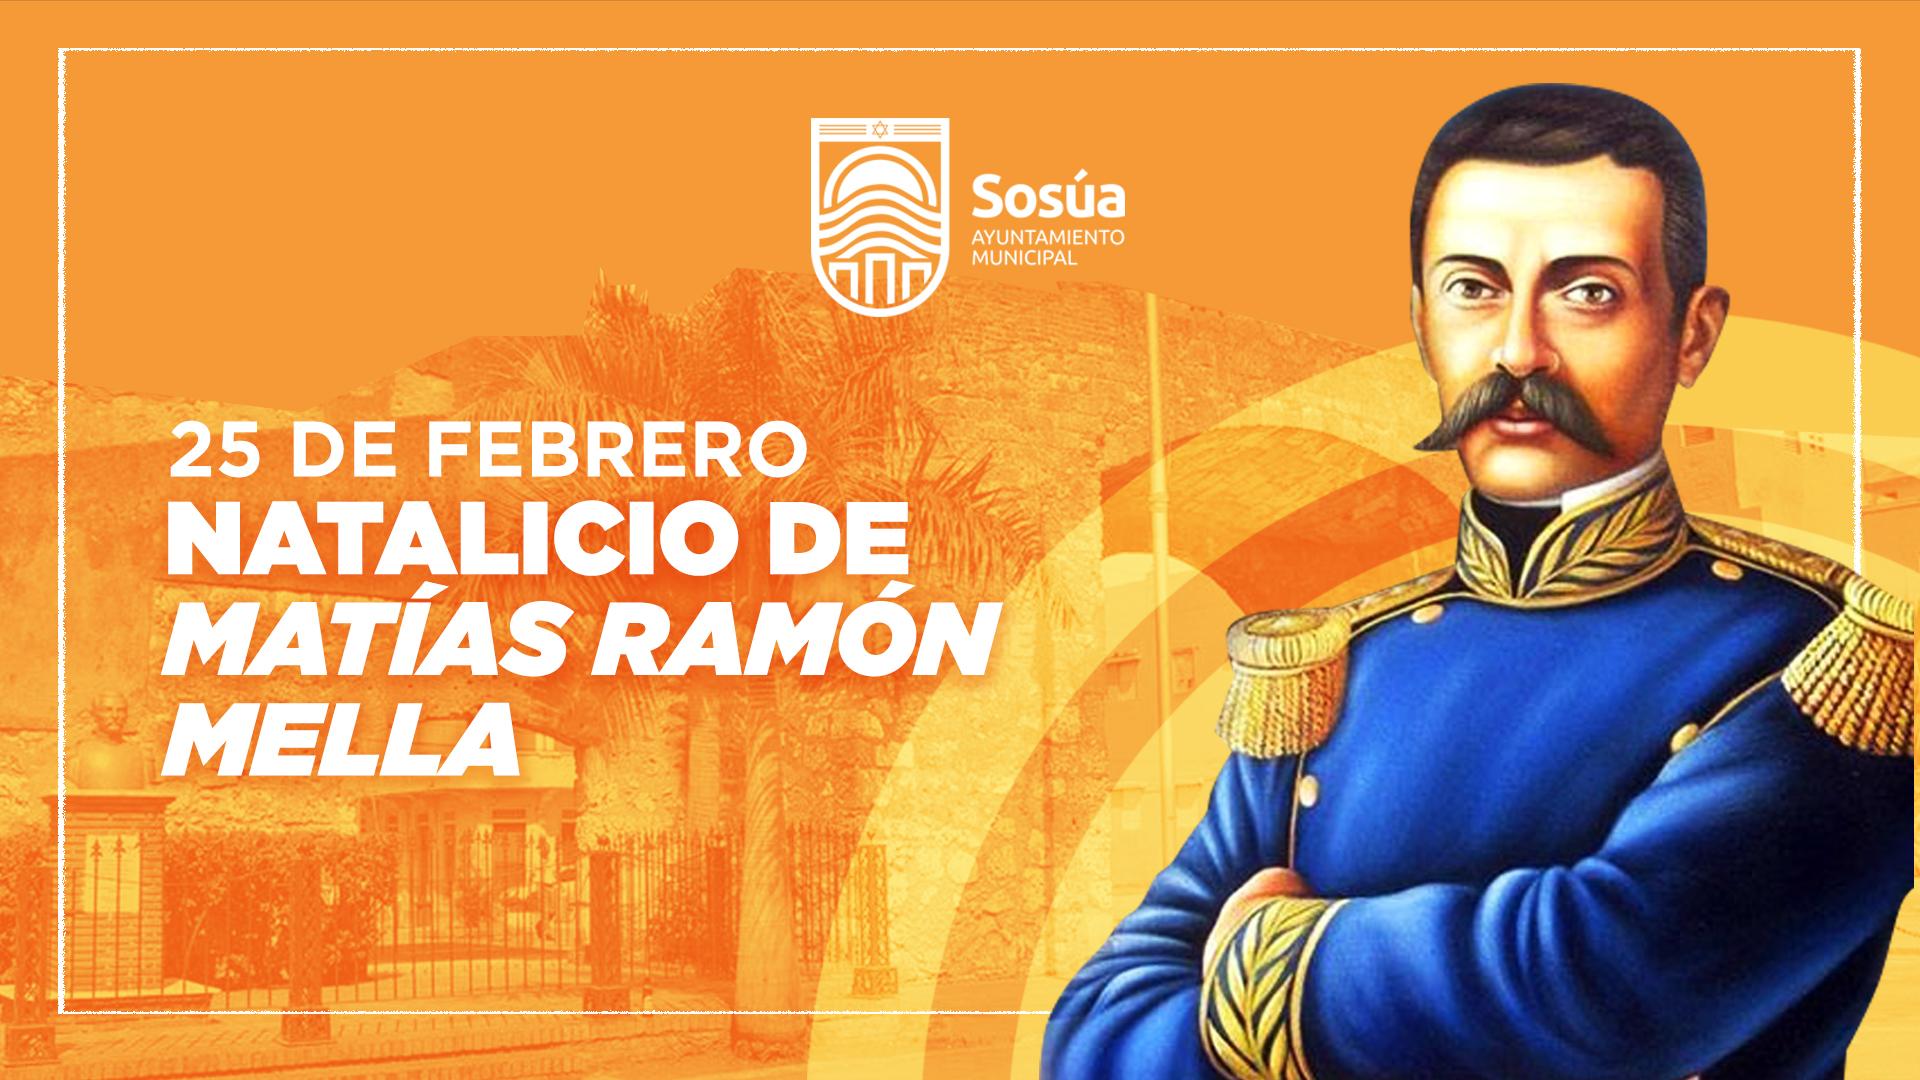 Natalicio de Ramón Matías Mella, prócer de nuestras independencia.